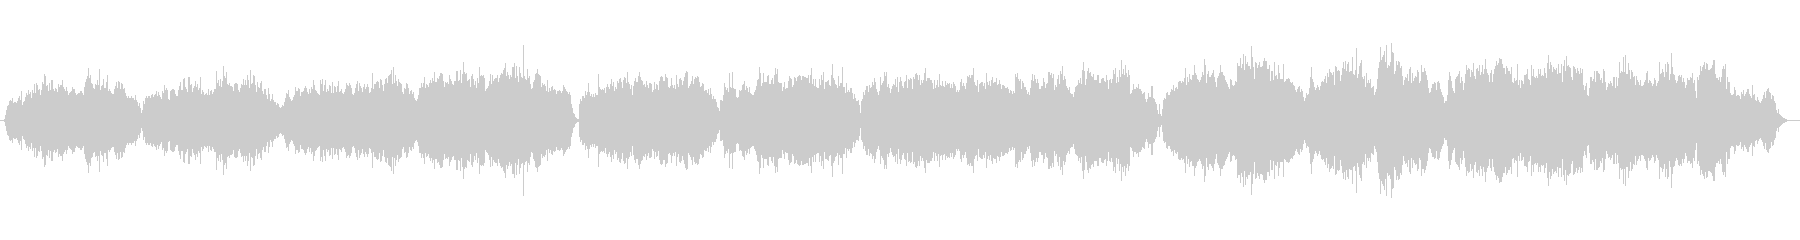 教会-教会オルガン3の未再生の波形